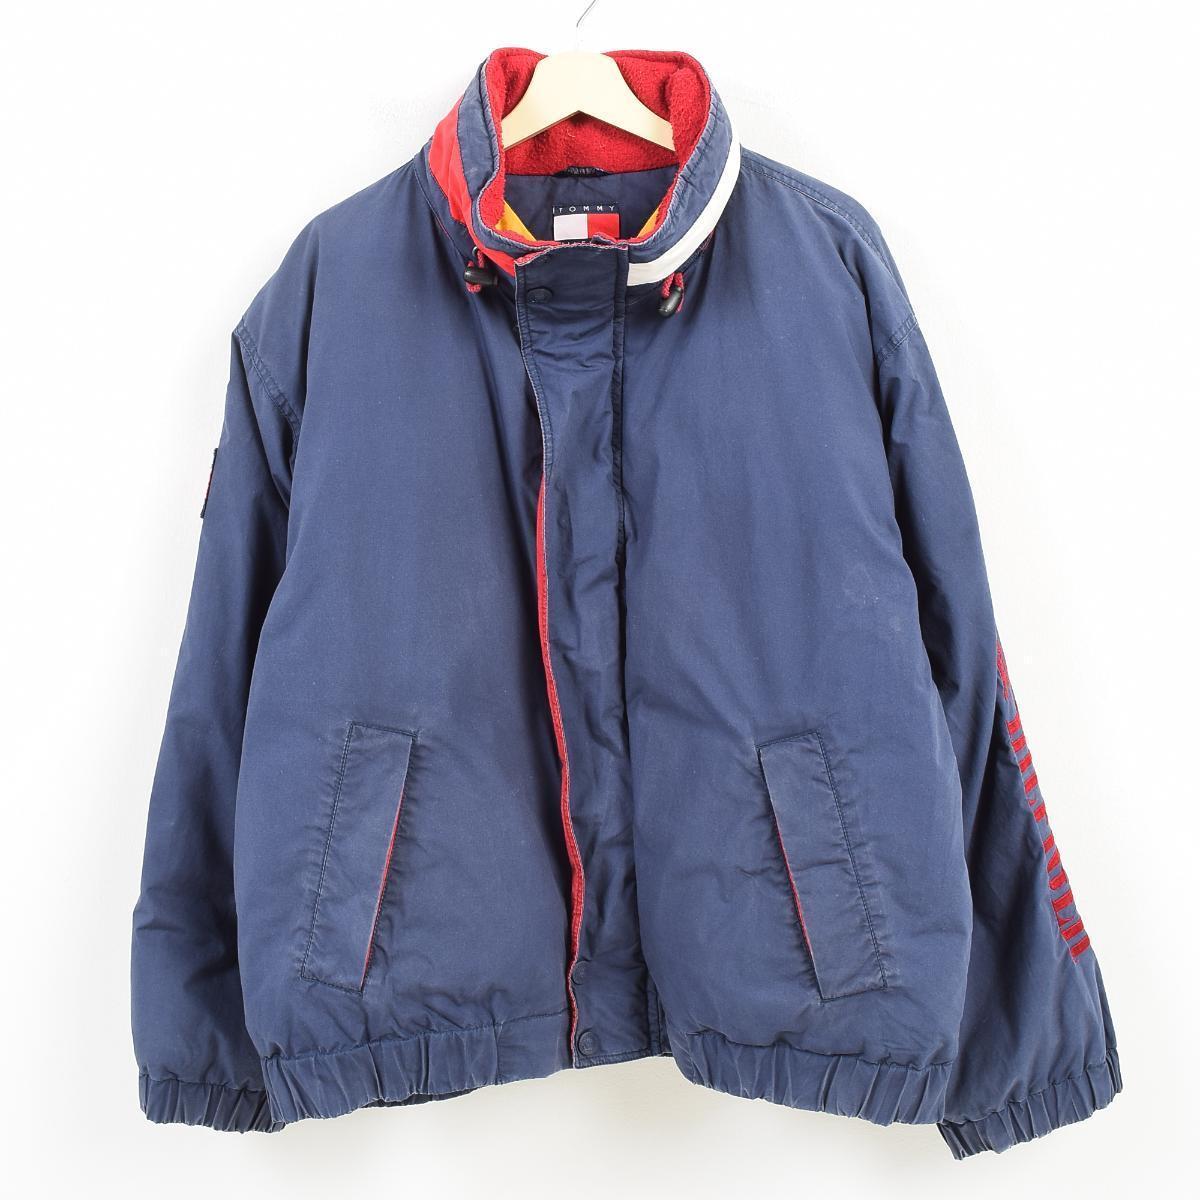 90年代 トミーヒルフィガー TOMMY HILFIGER フード収納型 袖ロゴ 中綿ジャケット メンズL /wak6838 【中古】 【171109】